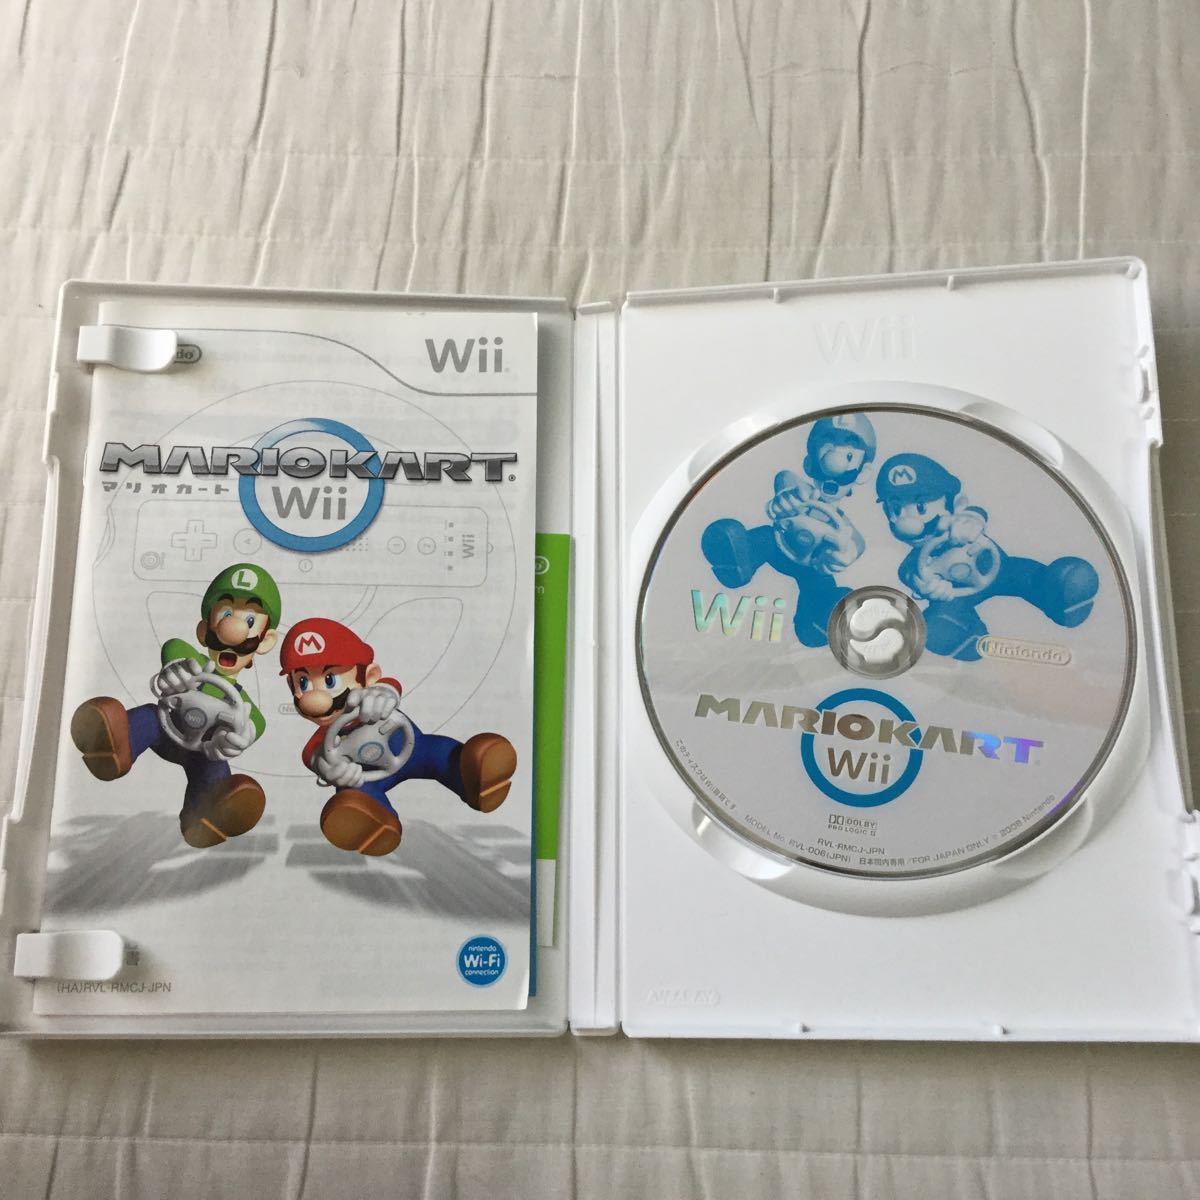 マリオカート Wiiマリオカート Wiiハンドル ハンドル 即決 迅速発送 匿名取引